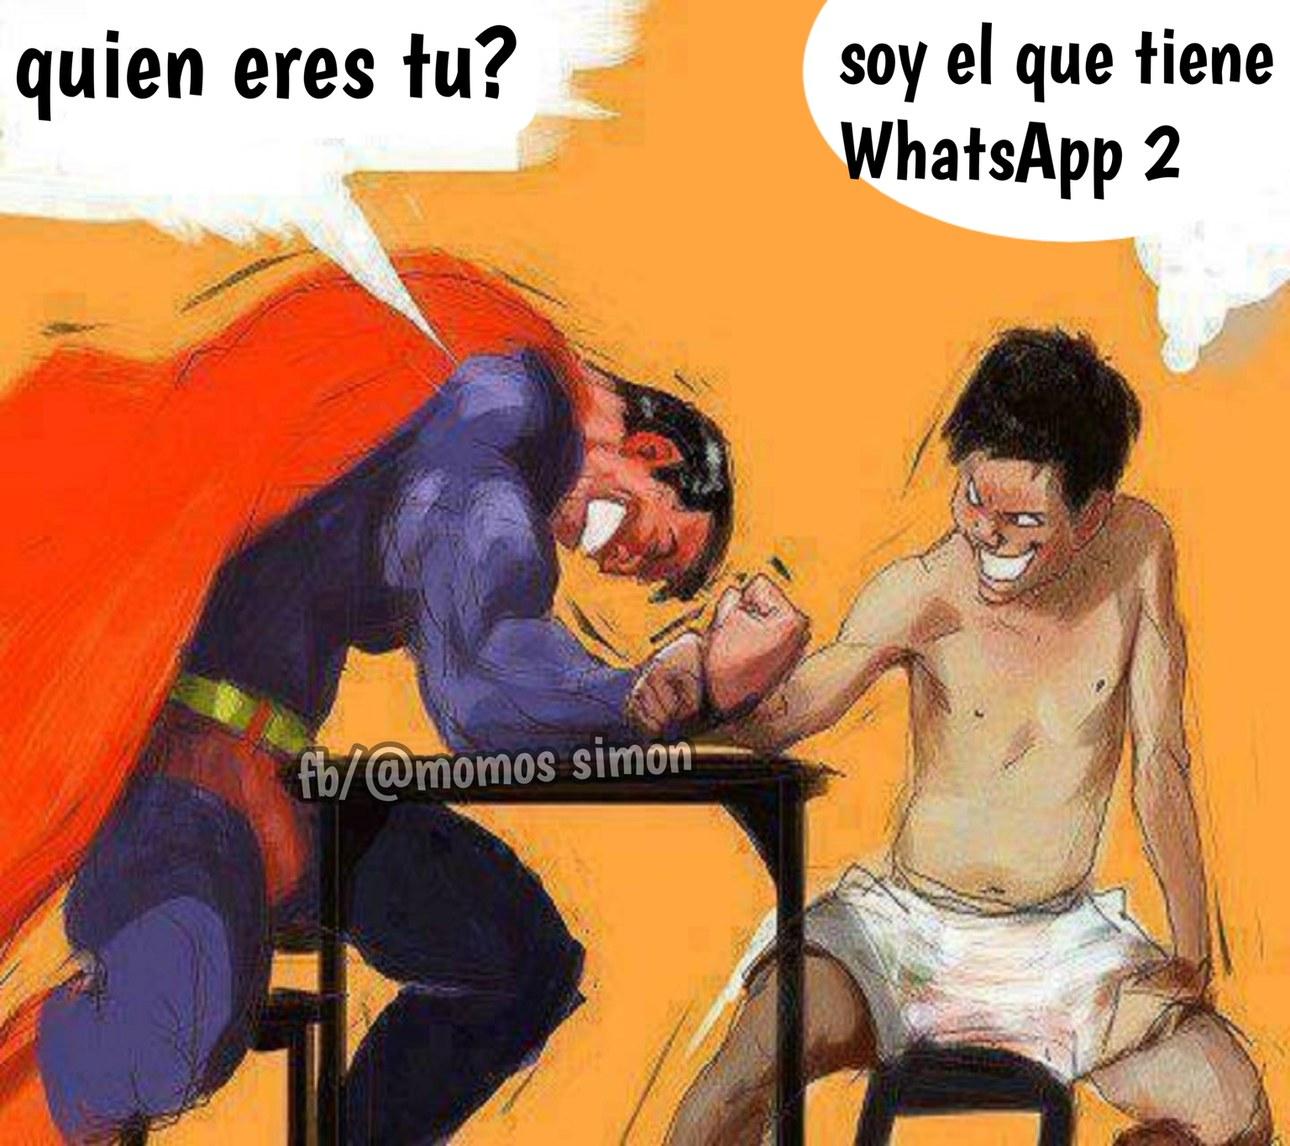 Tiene WhatsApp 2 - meme